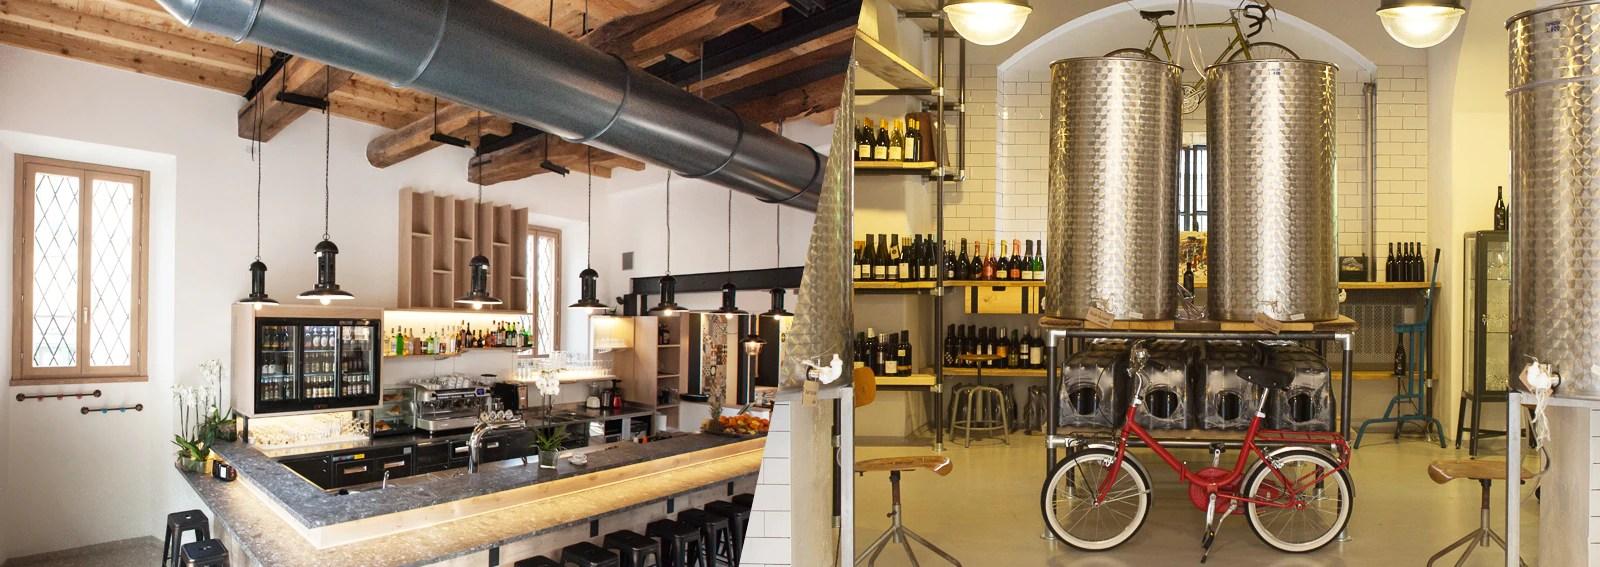 Stile Industriale 3 nuovi locali a Milano da cui prendere